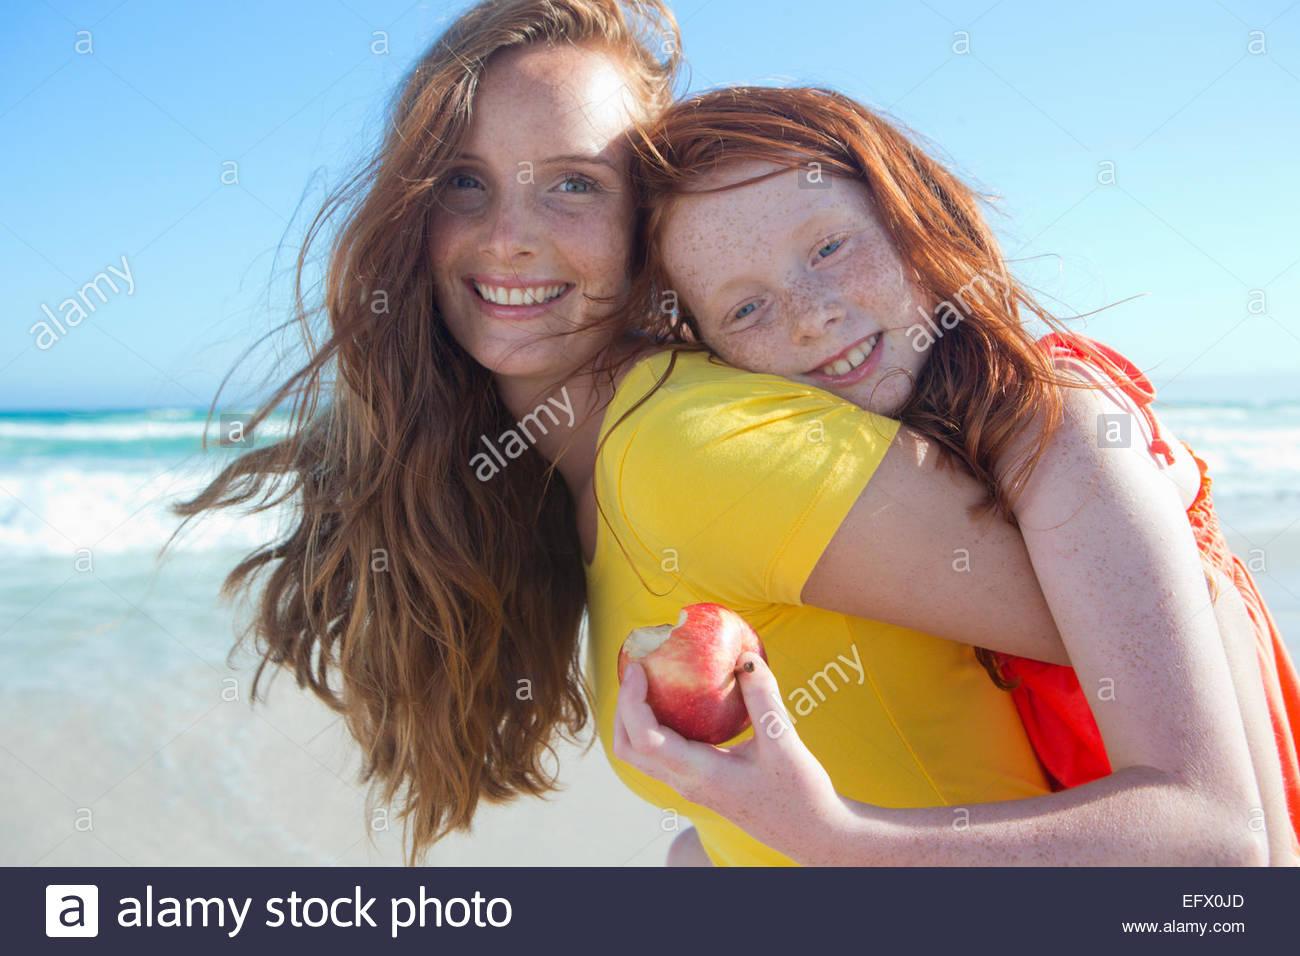 Retrato de niña sonriente Celebración apple, abrazando a la madre, en sunny beach Imagen De Stock